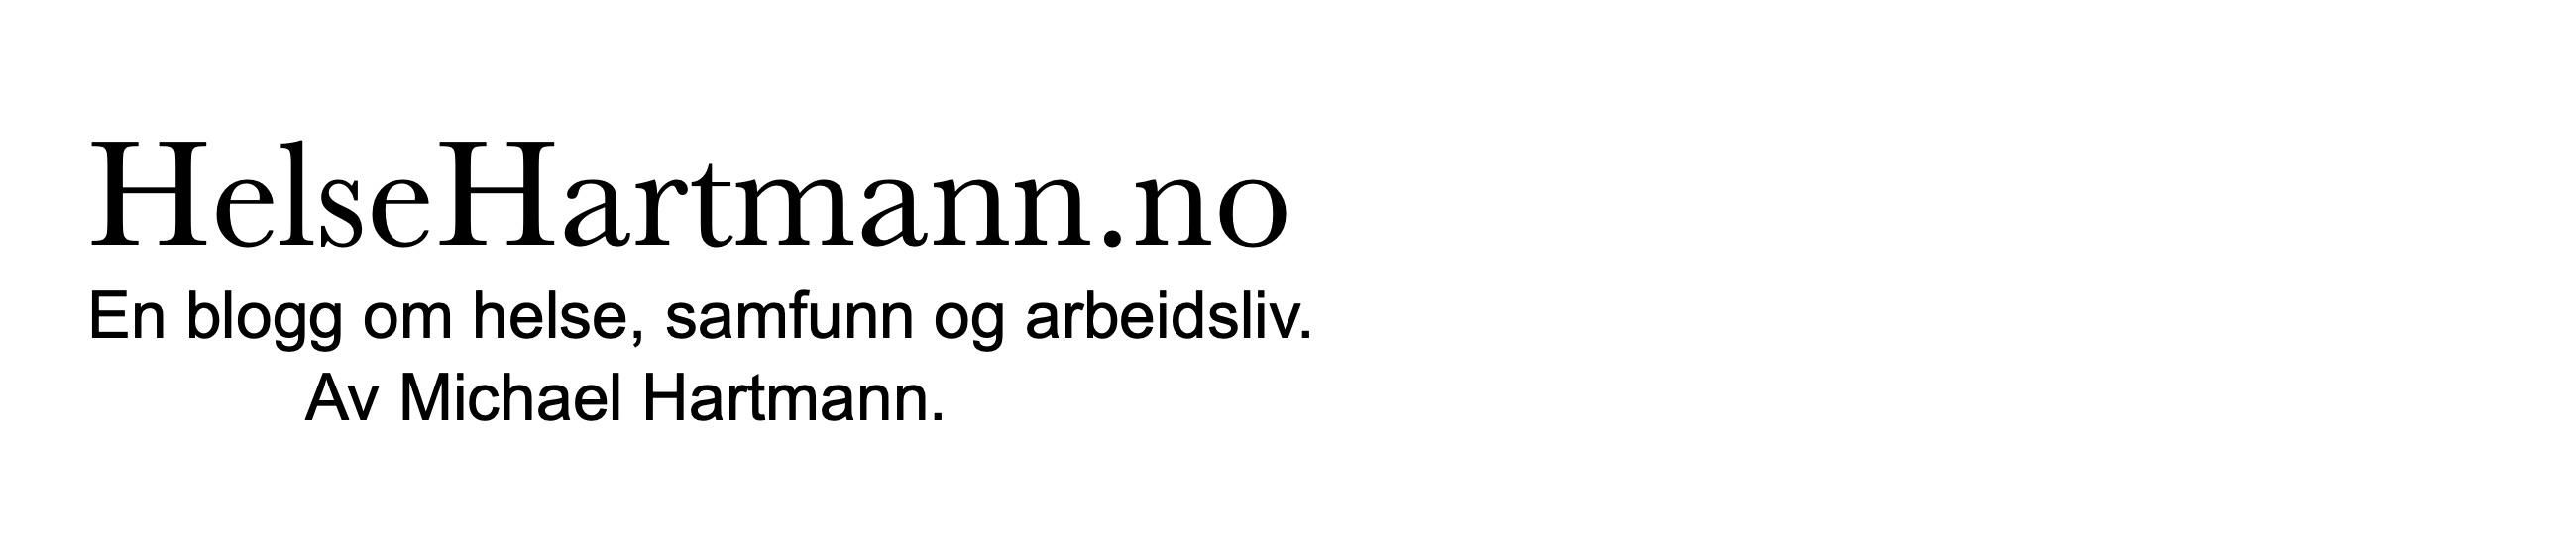 HelseHartmann.no